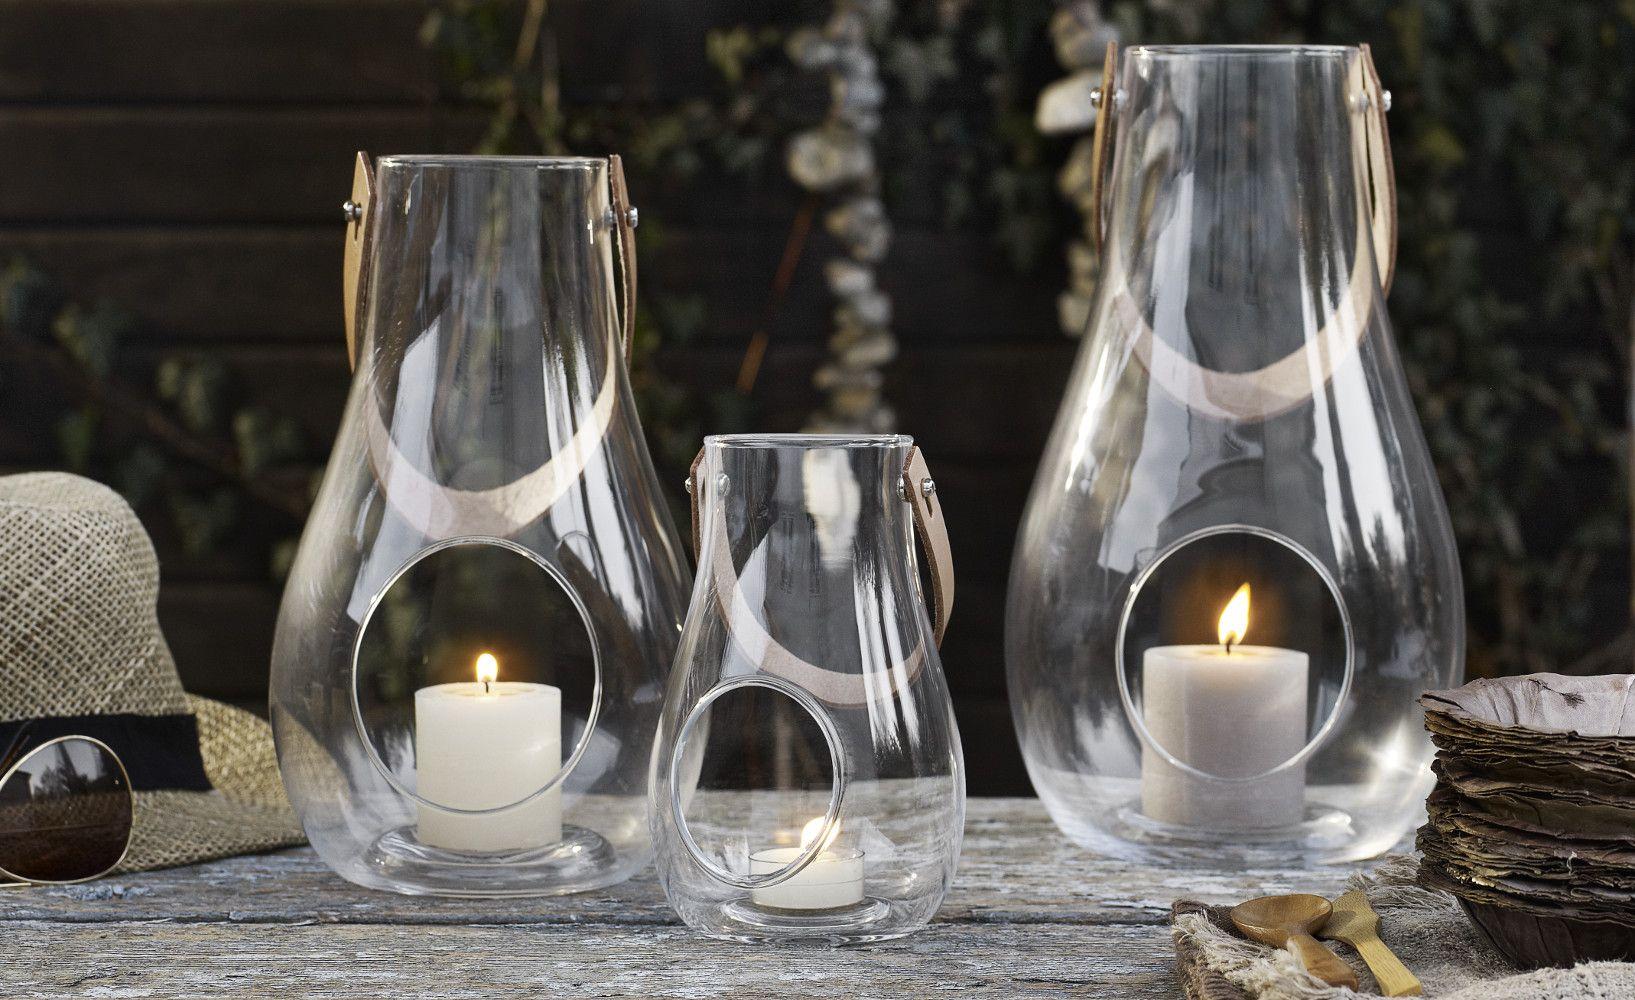 Die Design With Light Windlichter Von Der Designerin Maria Berntsen Aus Dem  Hause Holmgaard Aus Dänemark Bringen Wohnliche Gemütlichkeit In Die Räume.